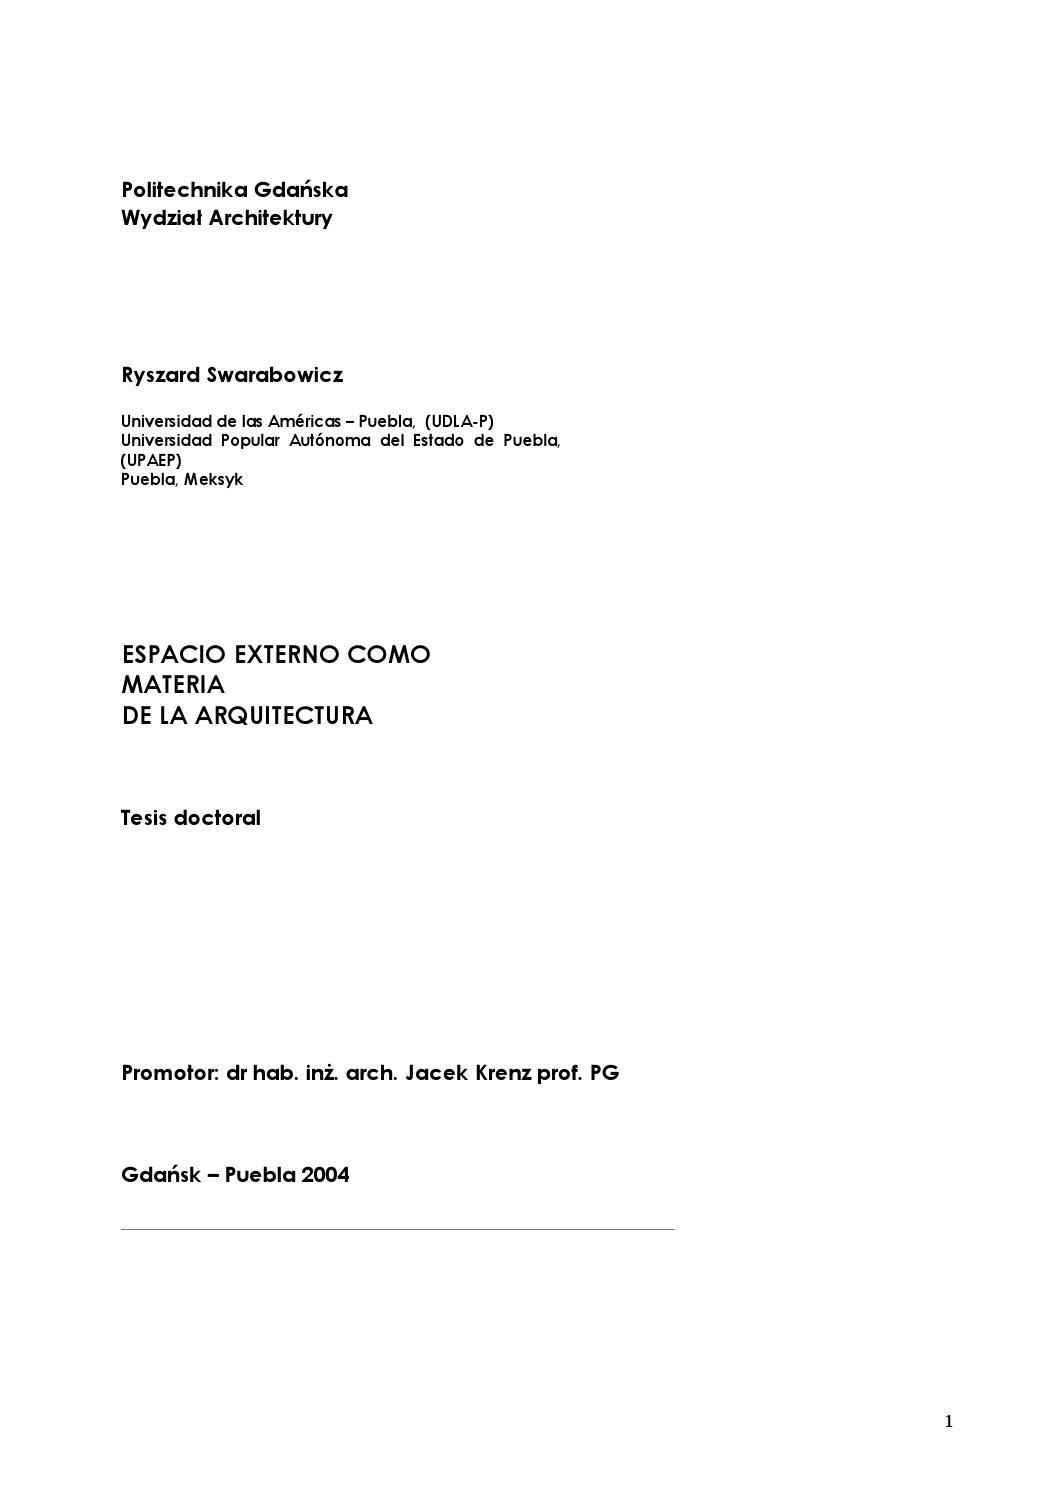 Ryszard swarabowicz wersja hiszp by david niño reto - issuu